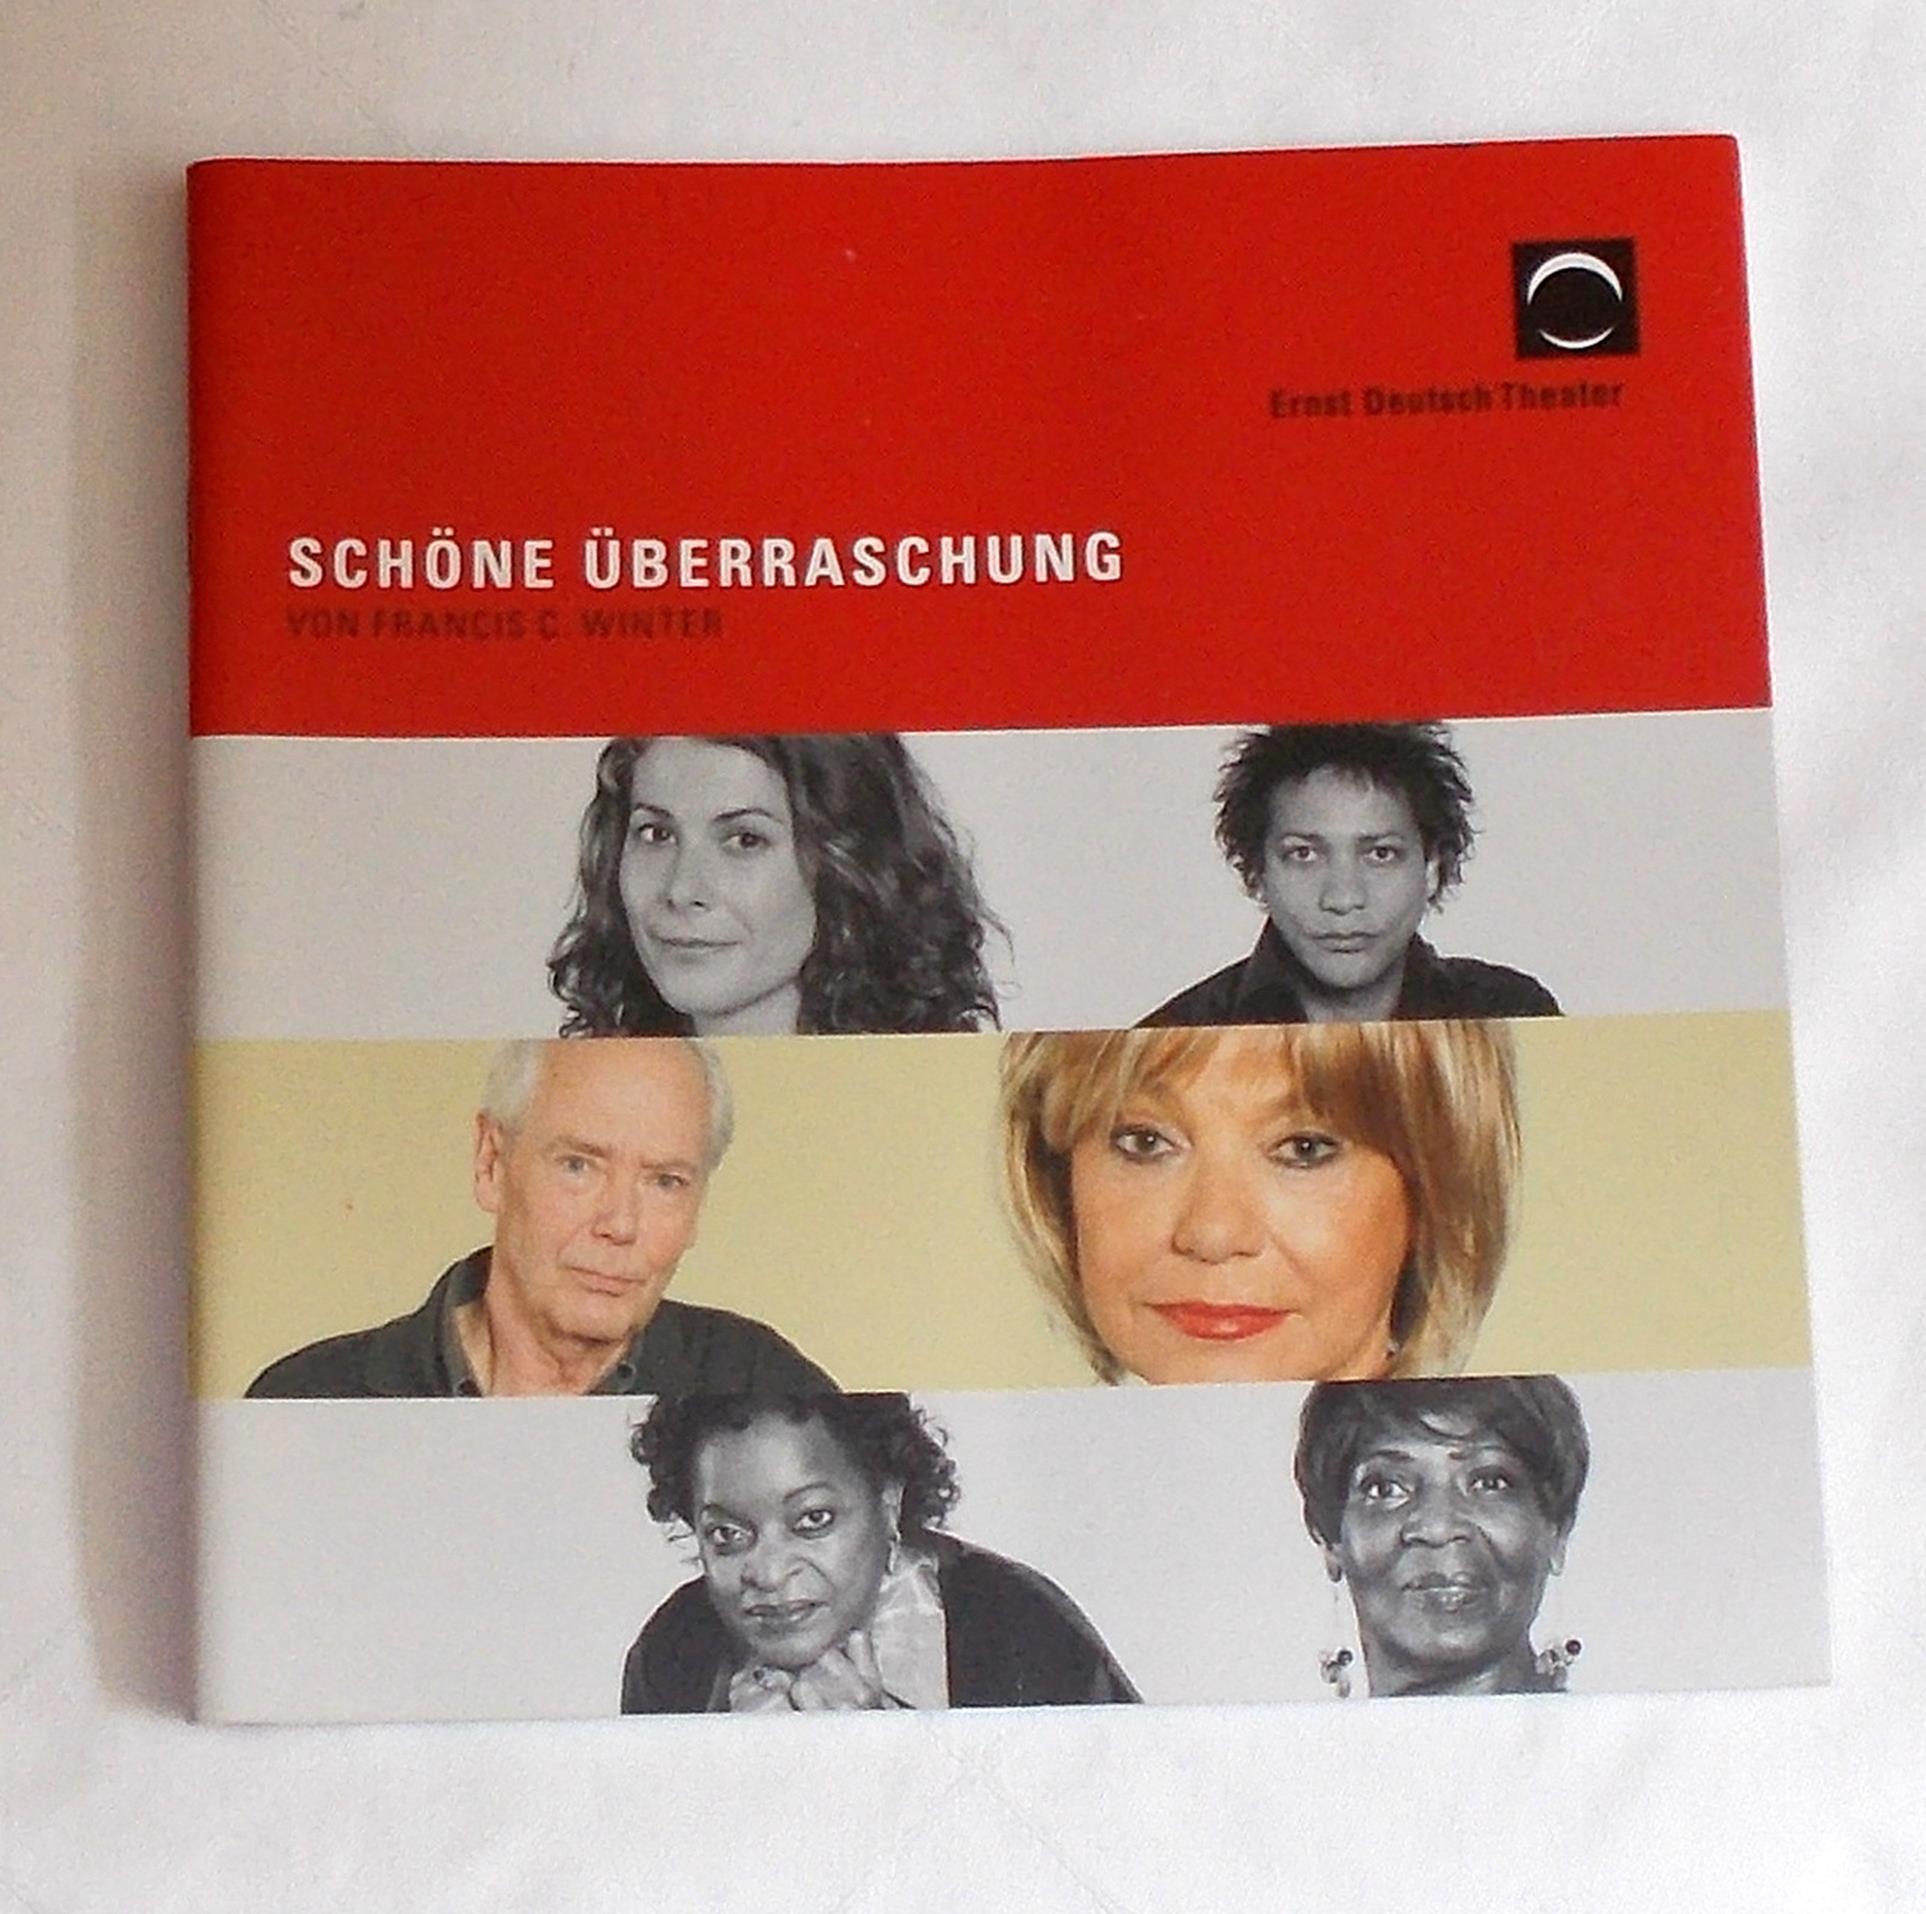 Programmheft SCHÖNE ÜBERRASCHUNG Francis C. Winter Ernst Deutsch Theater 2010